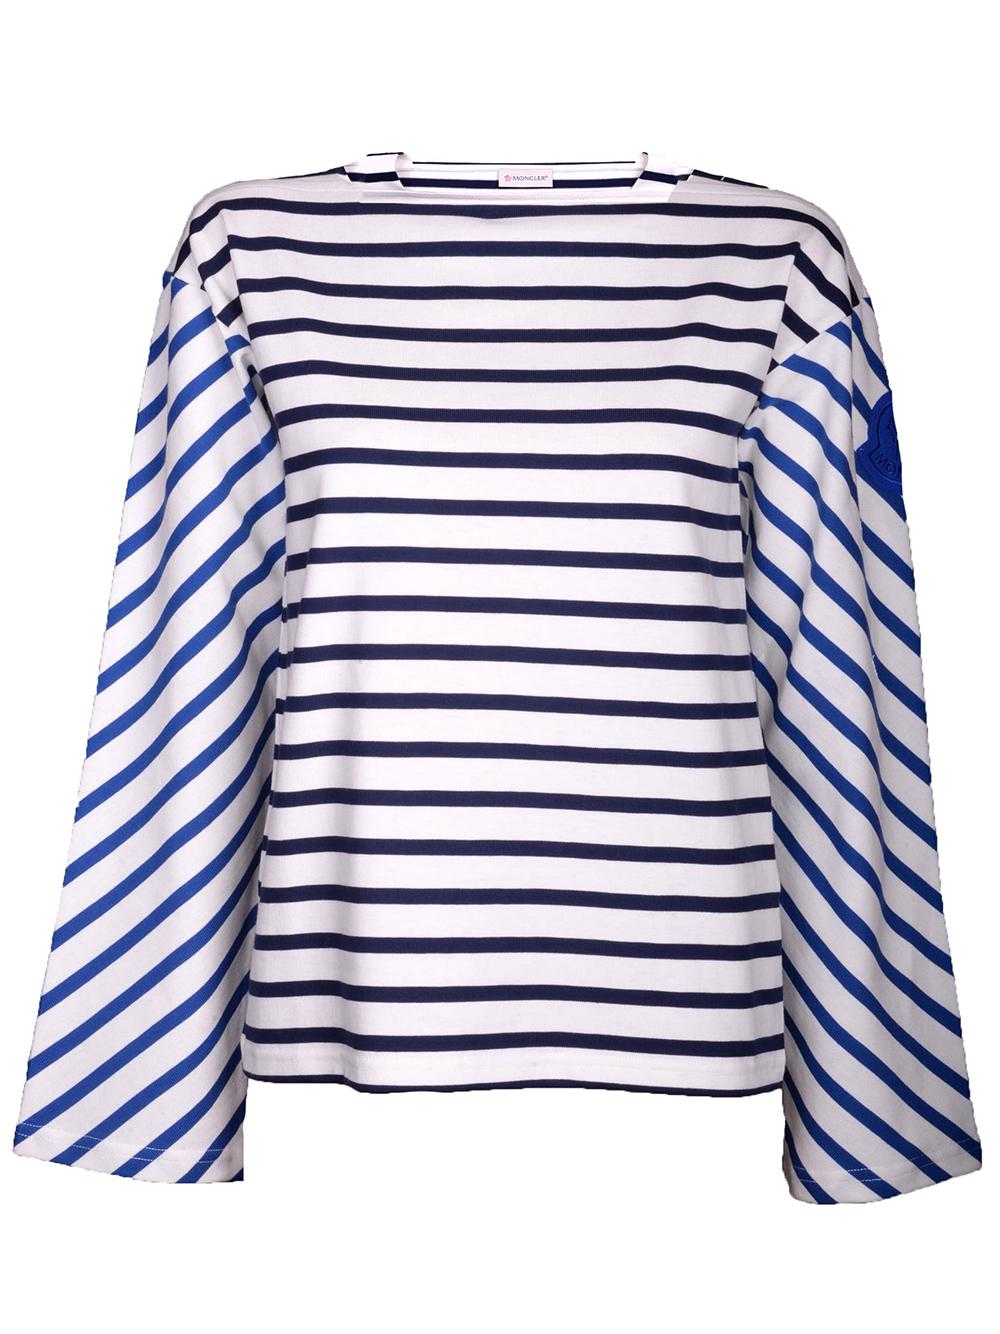 MONCLER Μπλούζα T-Shirt E1-093-8067100 ΡΙΓΕ